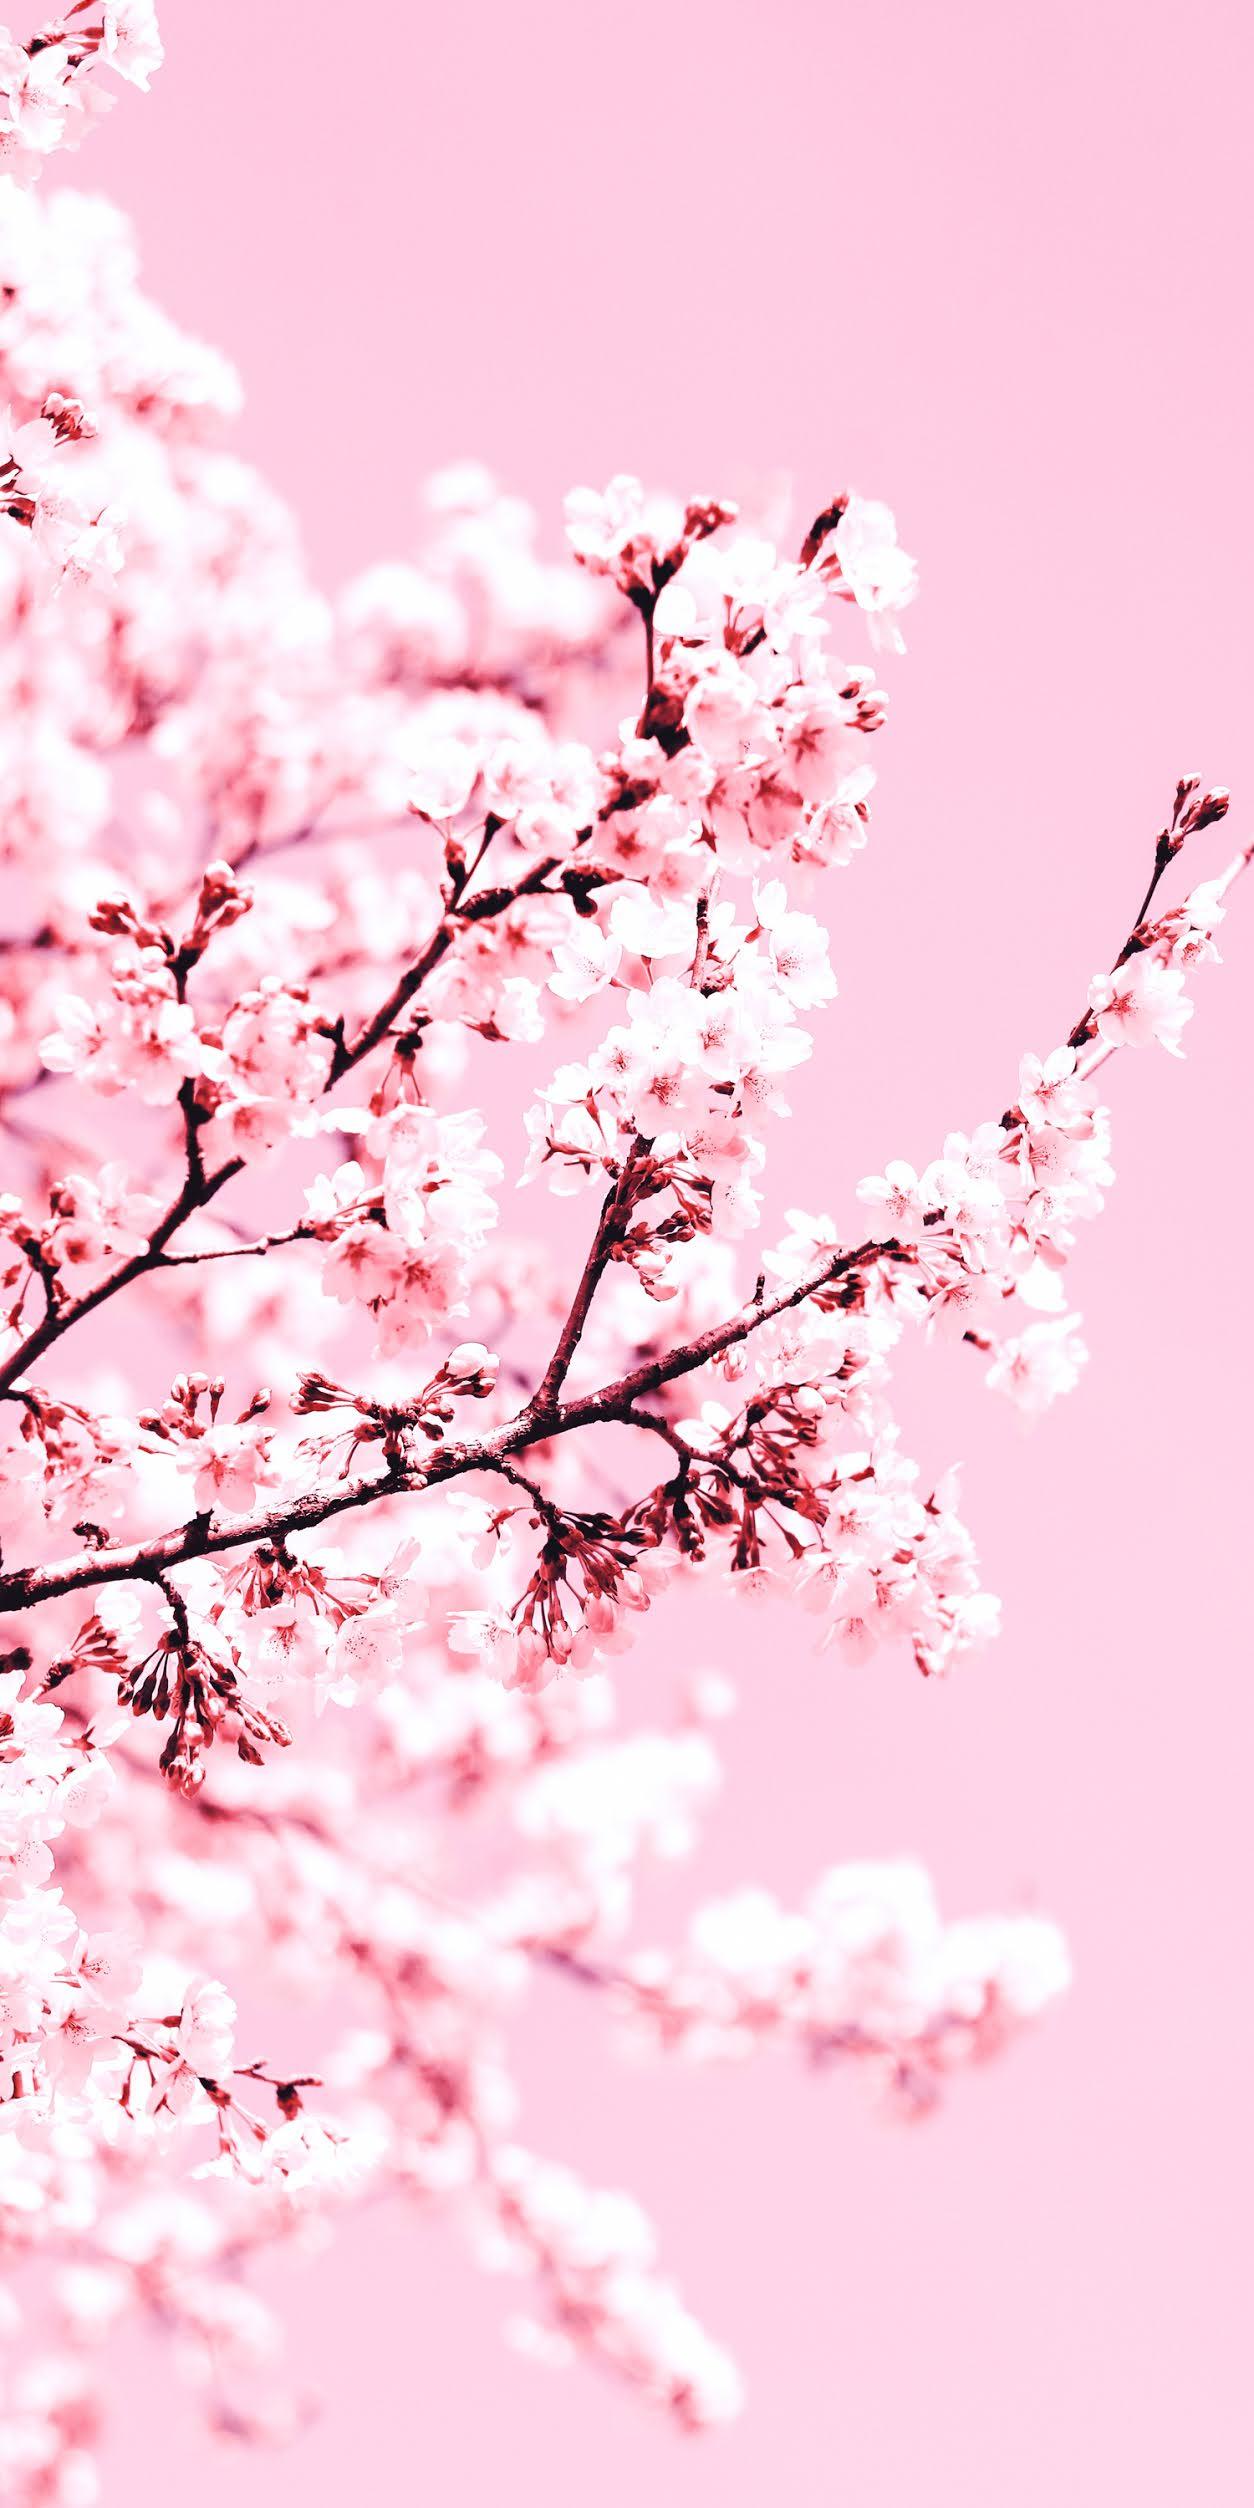 Cherry Blossom Wallpaper Aesthetic